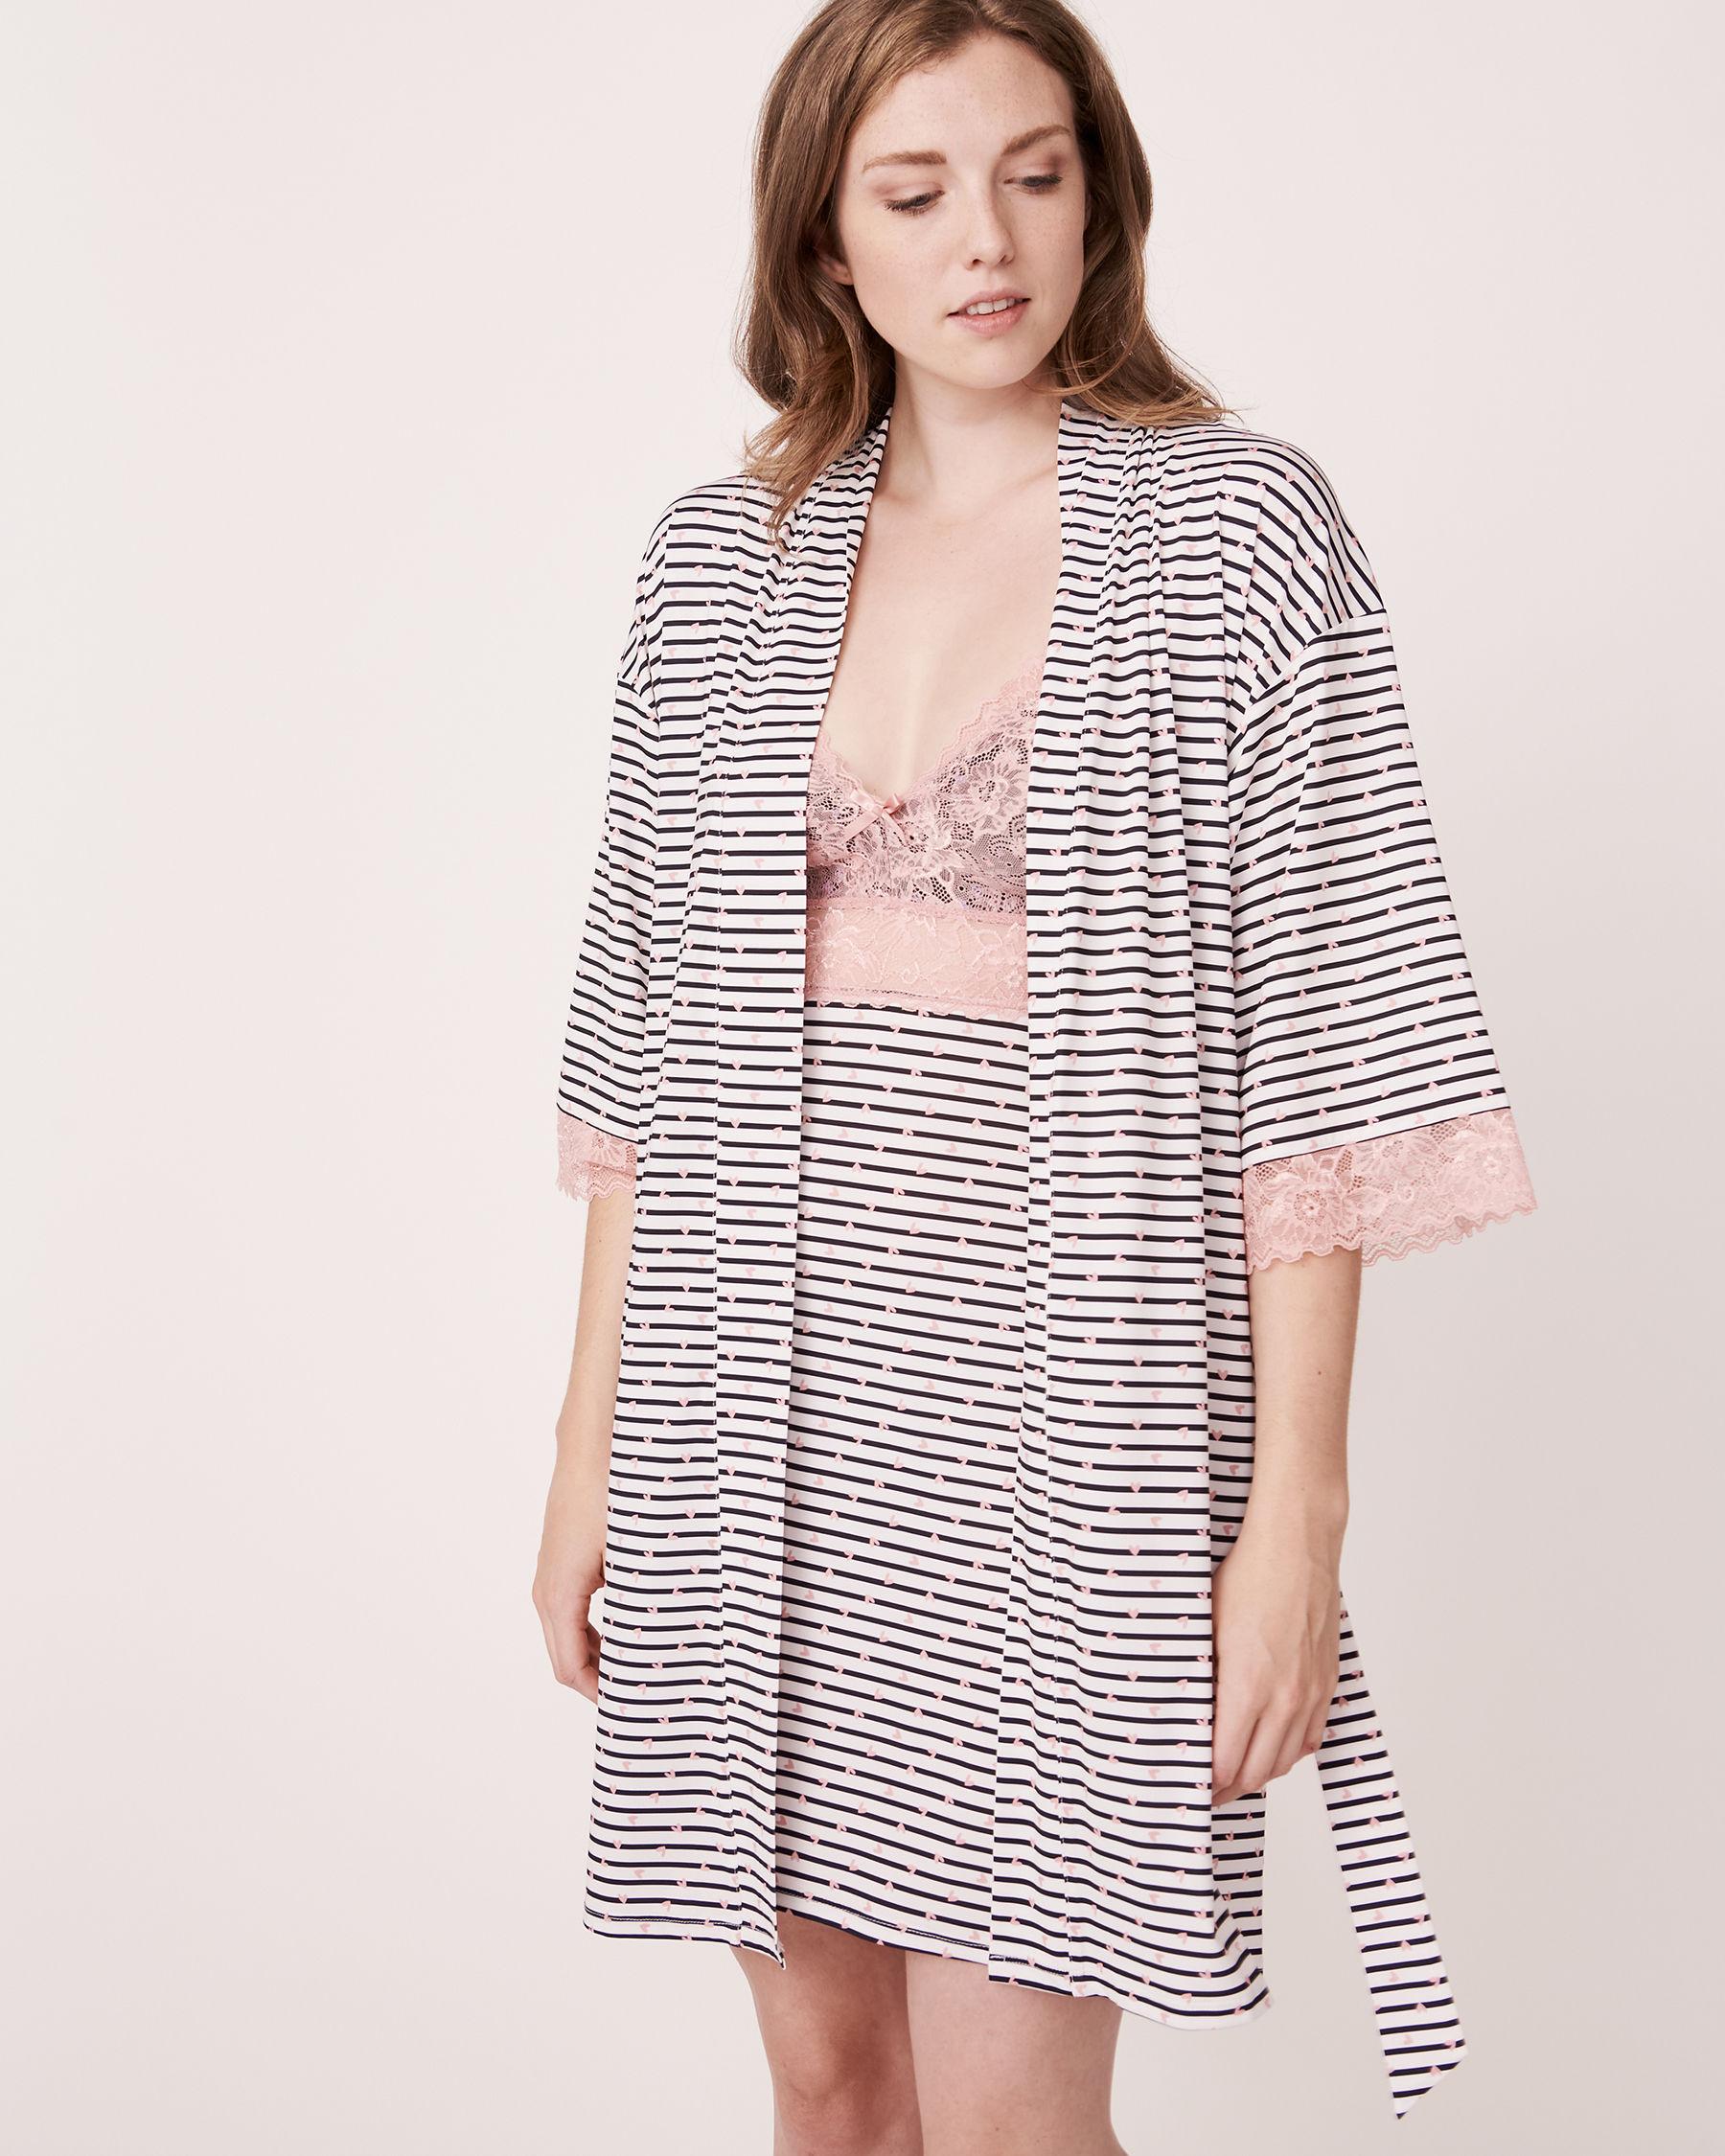 LA VIE EN ROSE Recycled Fibers Lace Trim Kimono Heart and stripe 758-435-0-11 - View6